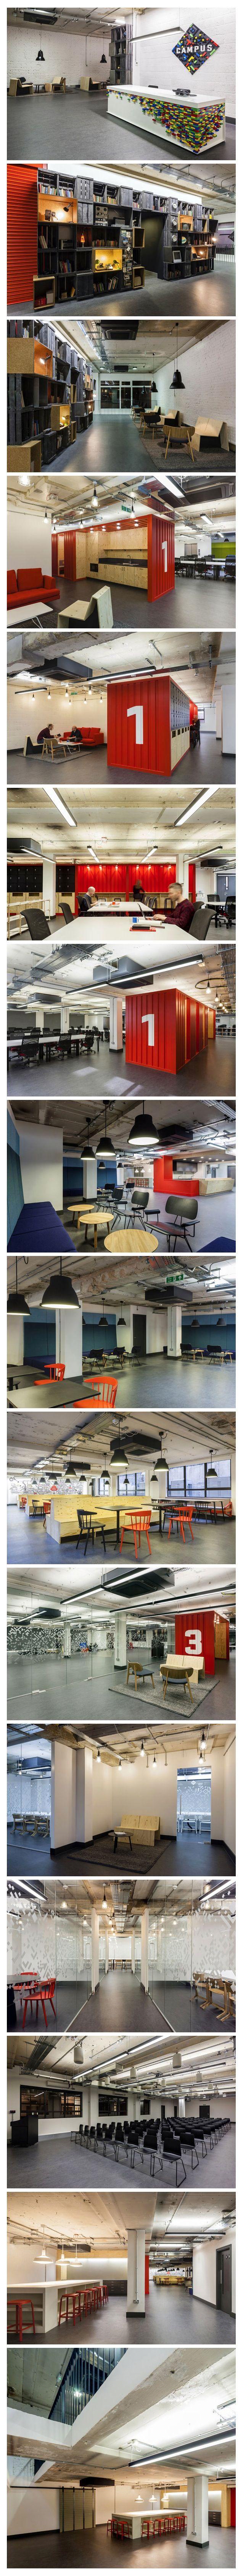 구글 런던 캠퍼스 (Google Campus in London) 사무실 인테리어 디자인   Google Campus in London Featuring Socializing Spaces and Informal Areas  런던에 위치한 구글 사무실 입니다. 구글은 사무실을 캠퍼스라고 부르고 있습니다. 건축가 숀 페르난데스(Shaun Fernandes)와 점프 스튜디오의 마르쿠스 논(Markus Nonn)이 협업을 해서 구글 런던 캠퍼스의 인테리어를 디자인 했습니다..    런던구글 캠퍼스의 디자인의 중점은 지하와 지상을 연결하는데 두었으며 7가지 다른 작업공간과 이벤트 공간을 마련했다고 합니다.  구글스럽게(?) 장난스러움과 자유로움이 뒤엉켜 있는 구글 런던 캠퍼스는 비밀 회의장소 및 극장, 카페, 워크샵공간등을 재구성 되어 있습니다.